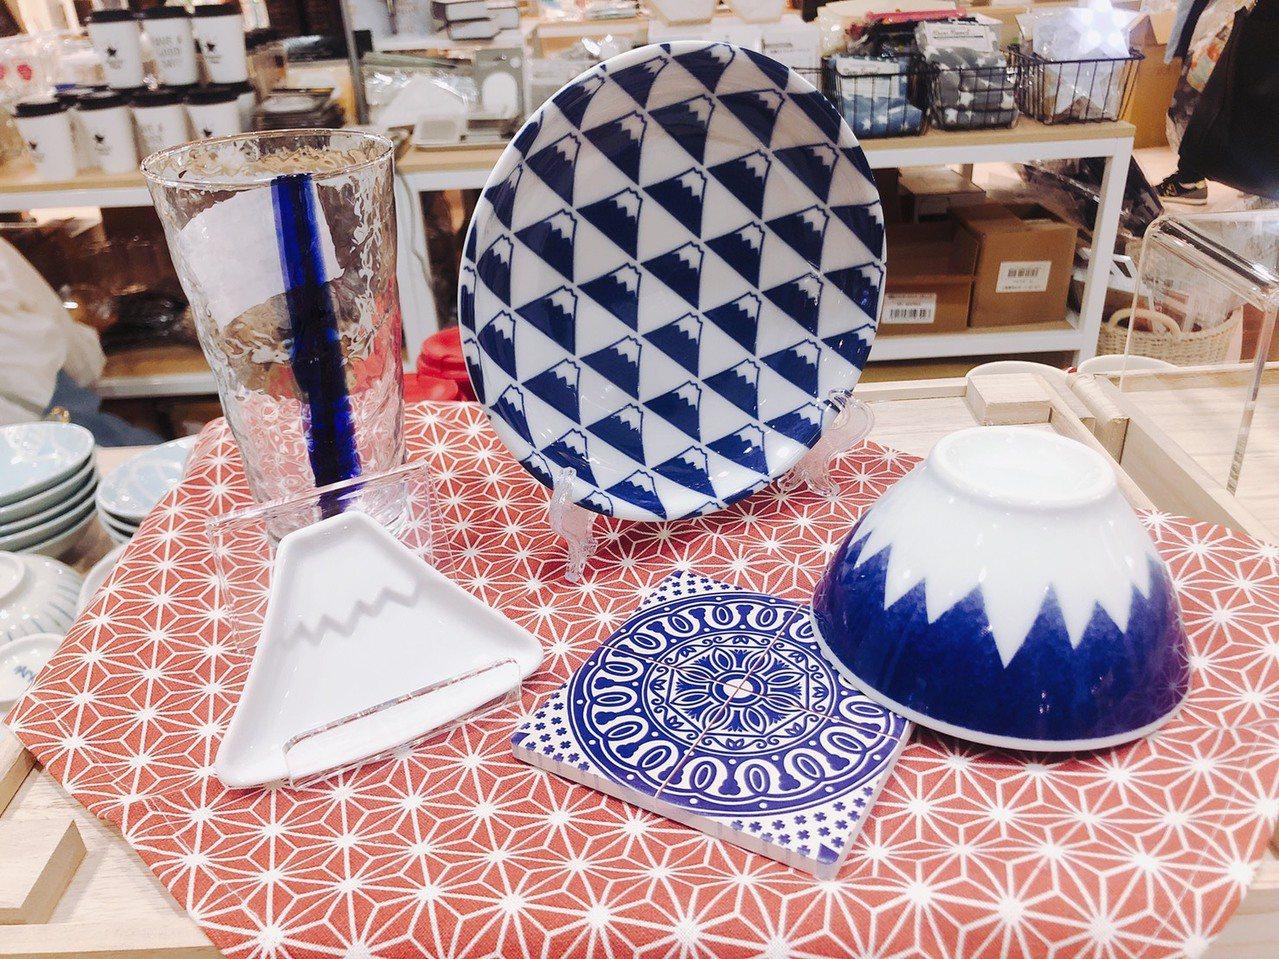 富士山系列餐具。圖/京站提供